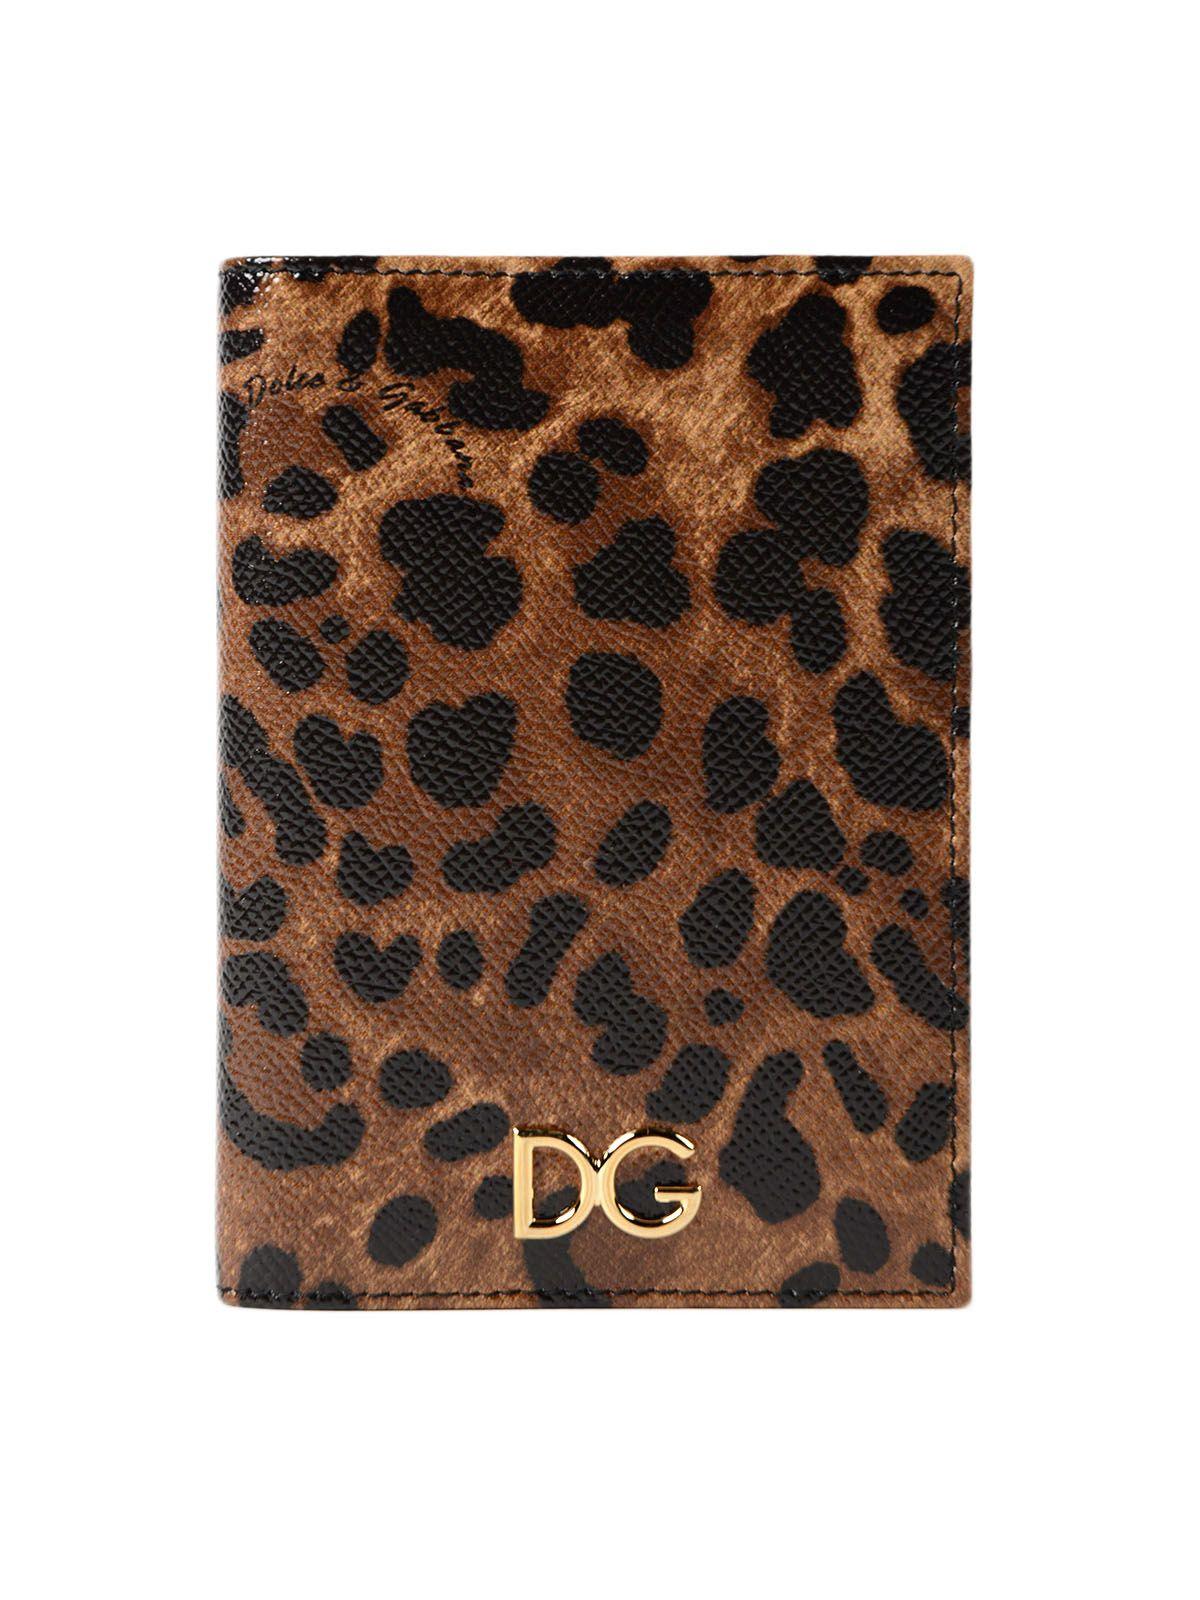 Dolce & Gabbana Dauphine St. leo Passport Case